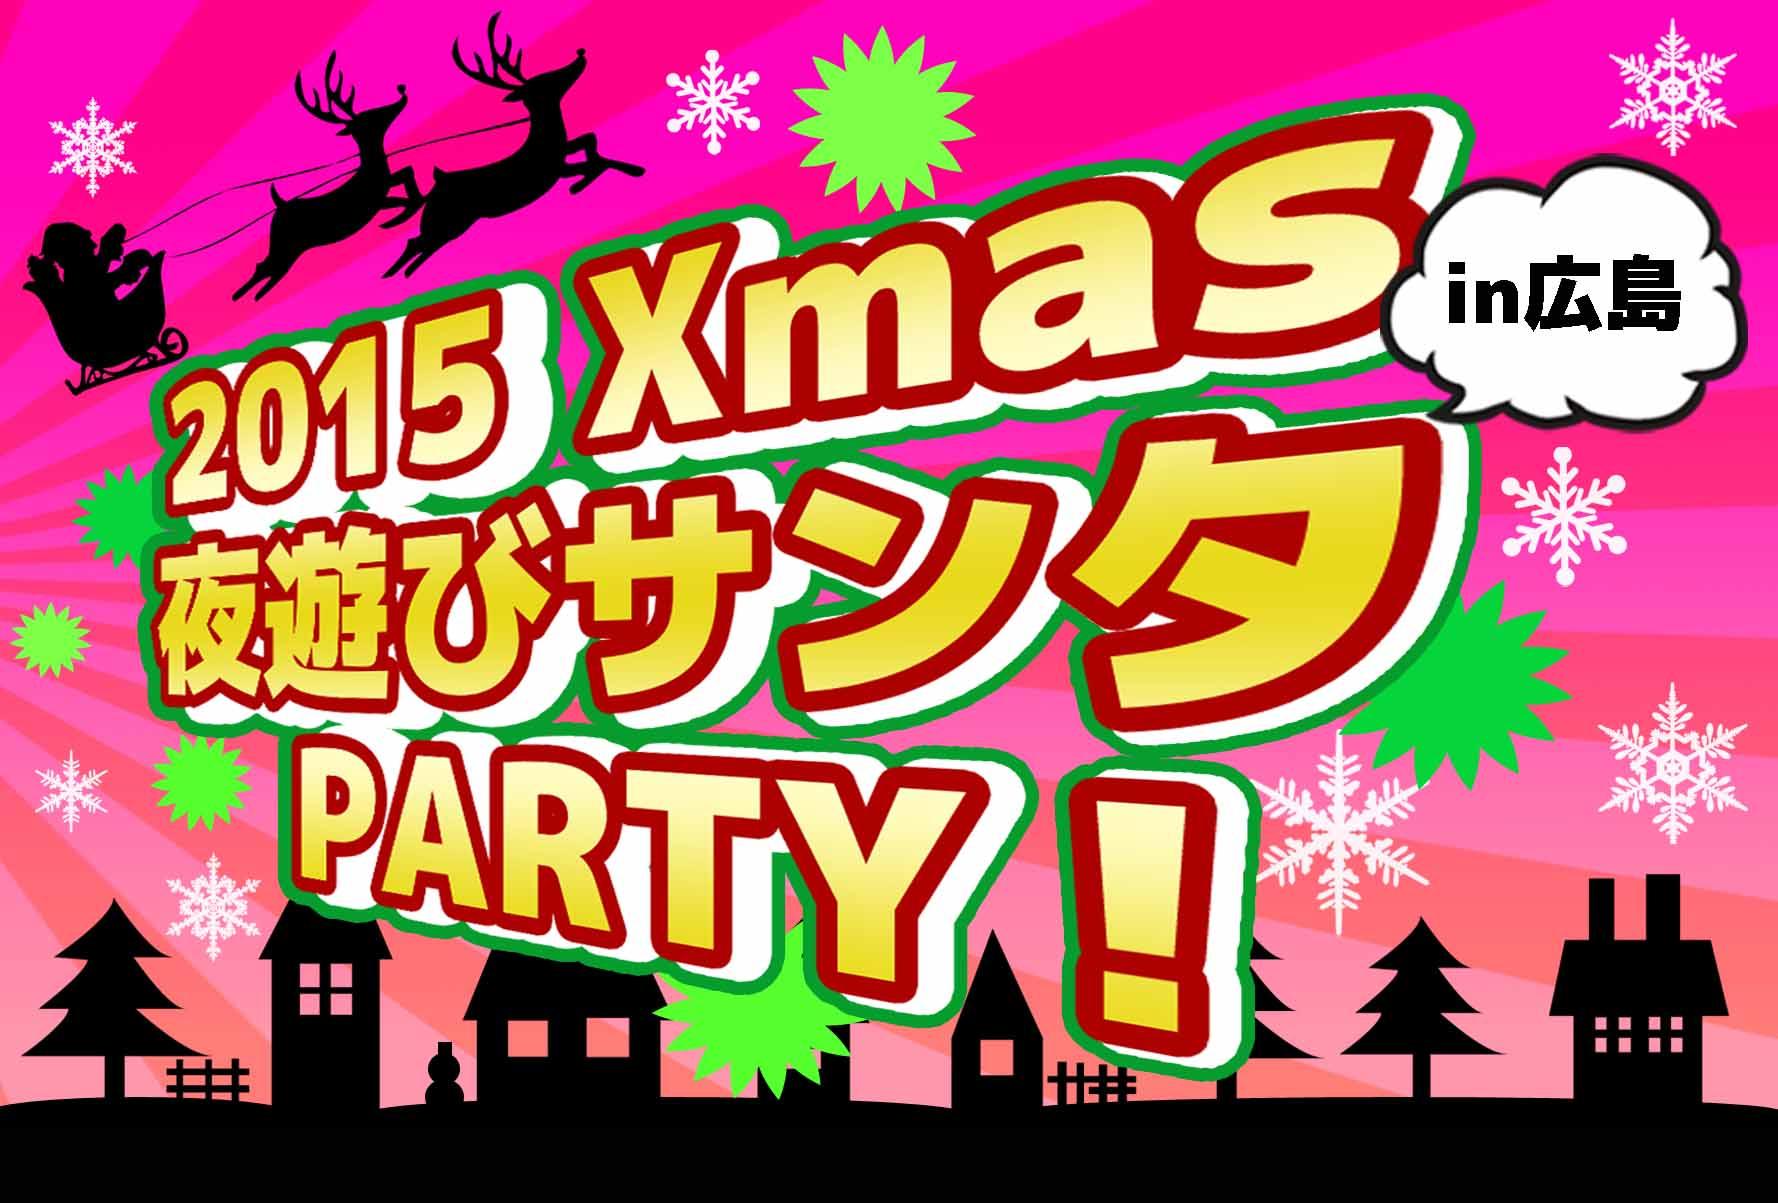 2015年広島クリスマスパーティー